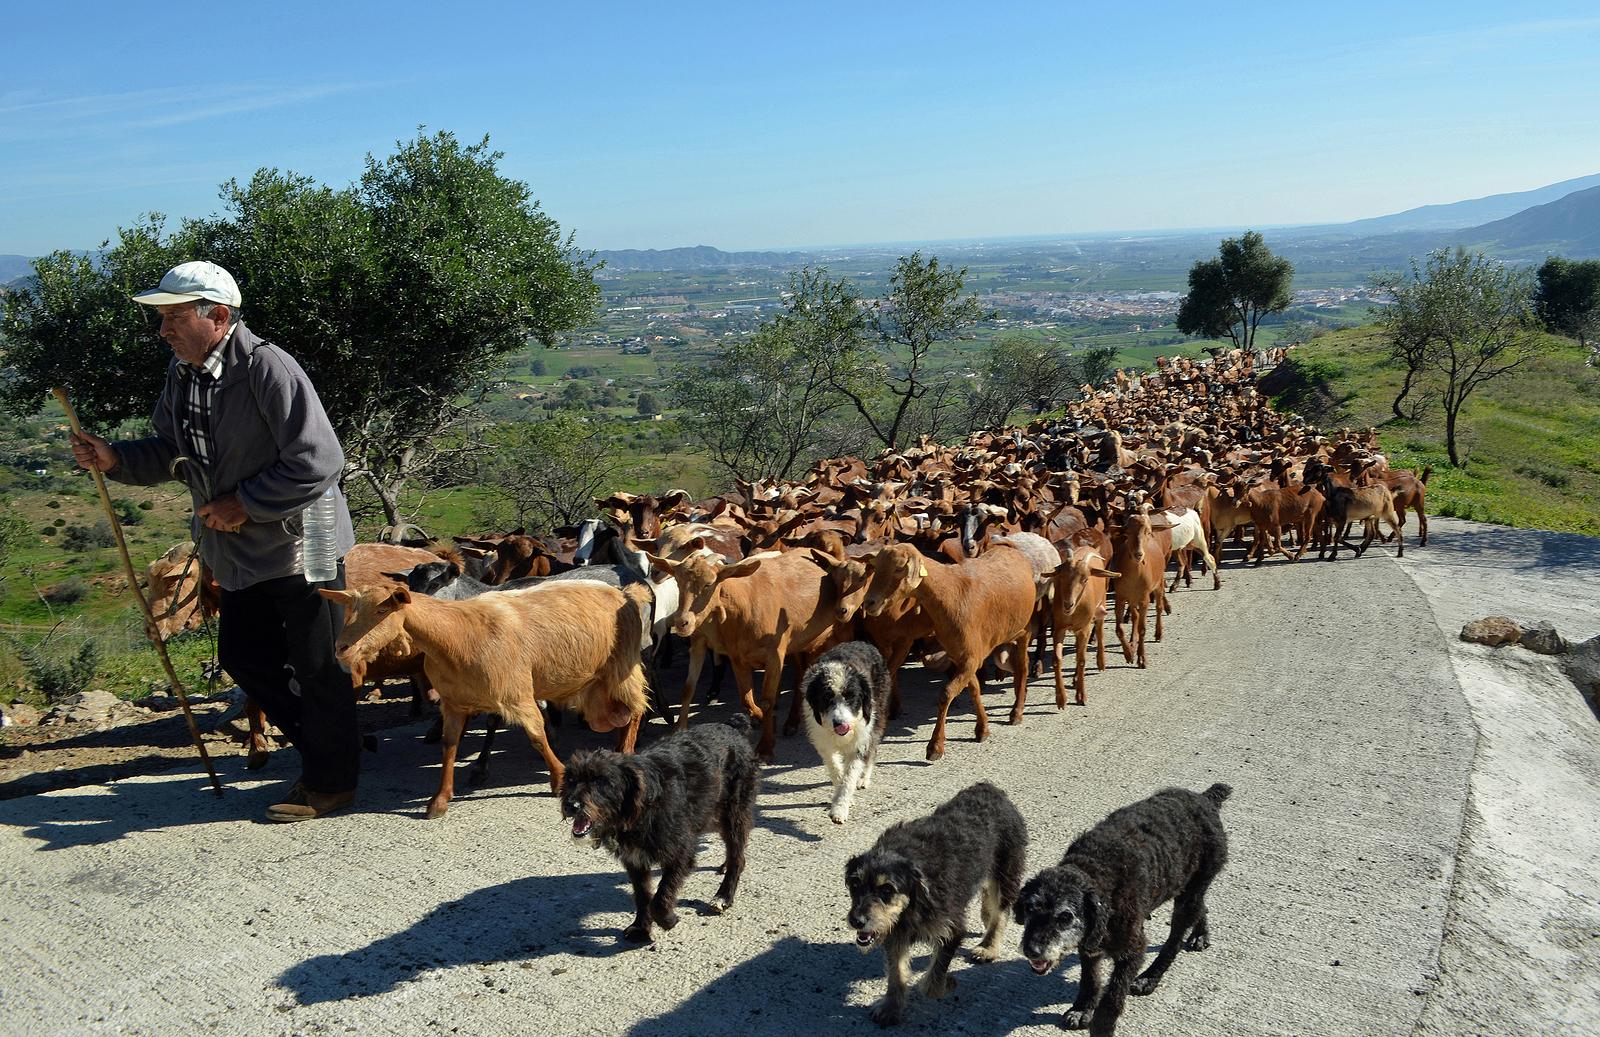 Nederlandse / Belgische makelaar in Cártama Goats being led to pasture